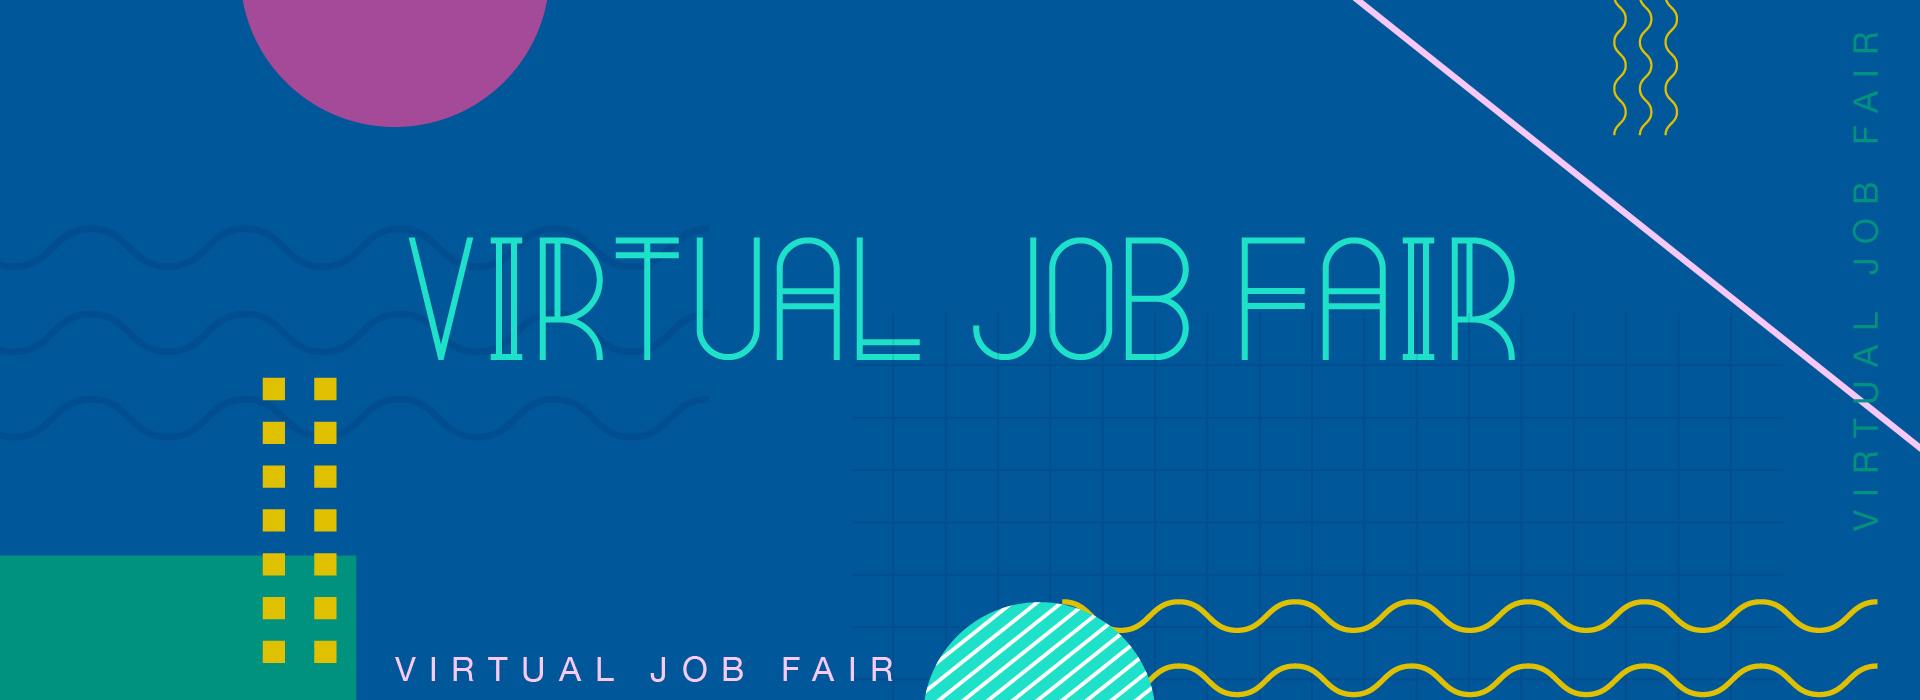 Virtual Job Fair_1920X700 WEB BANNER